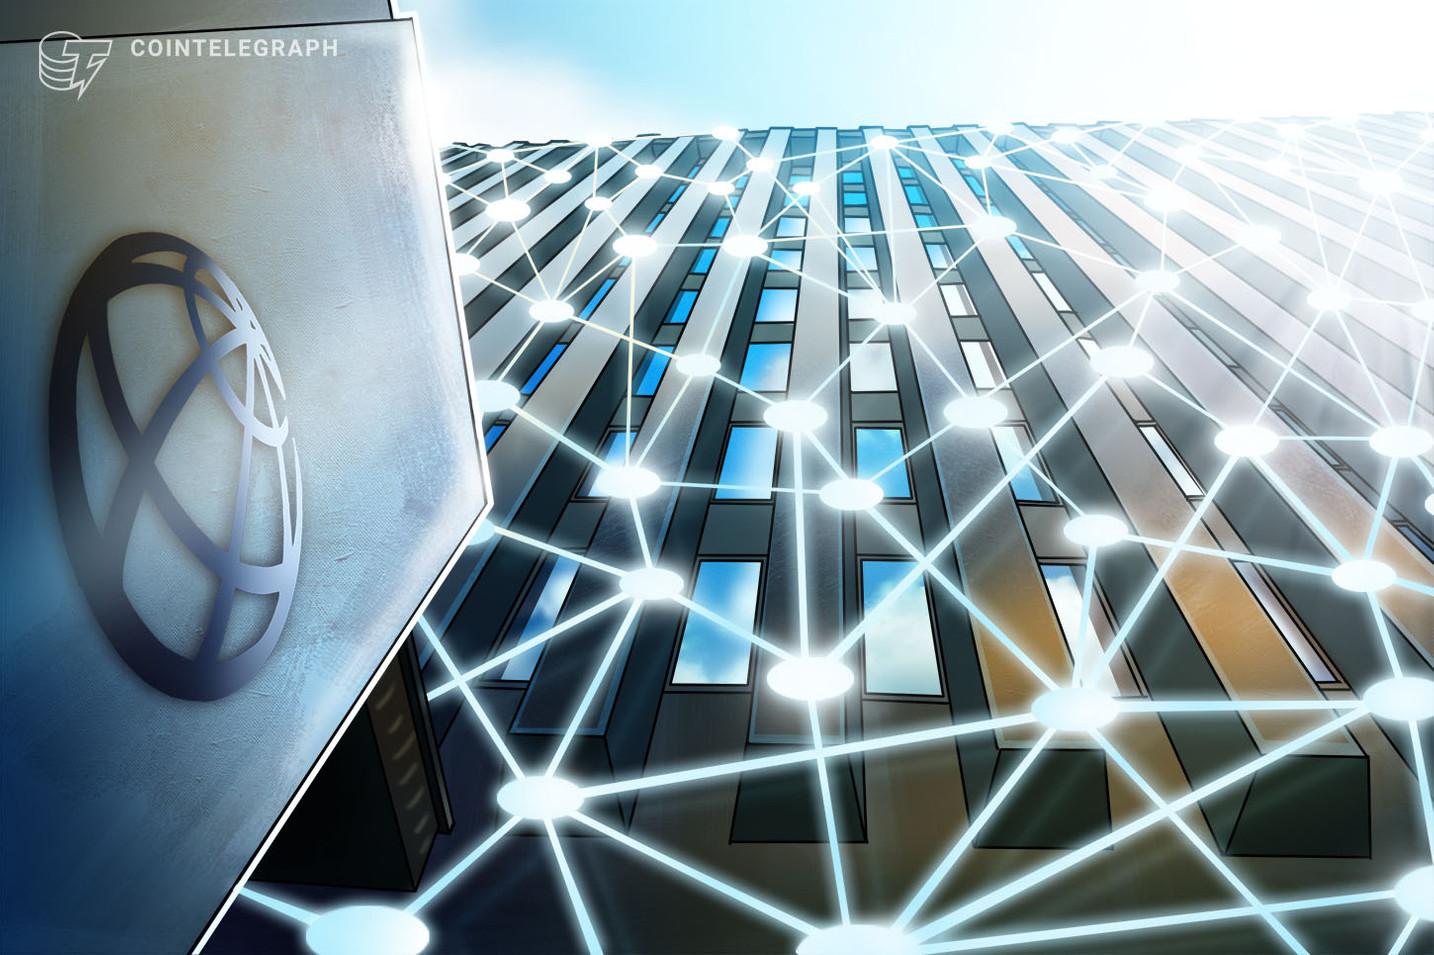 Diretor do Bank of England defende 'quarta revolução industrial' e descreve nova 'economia digital'